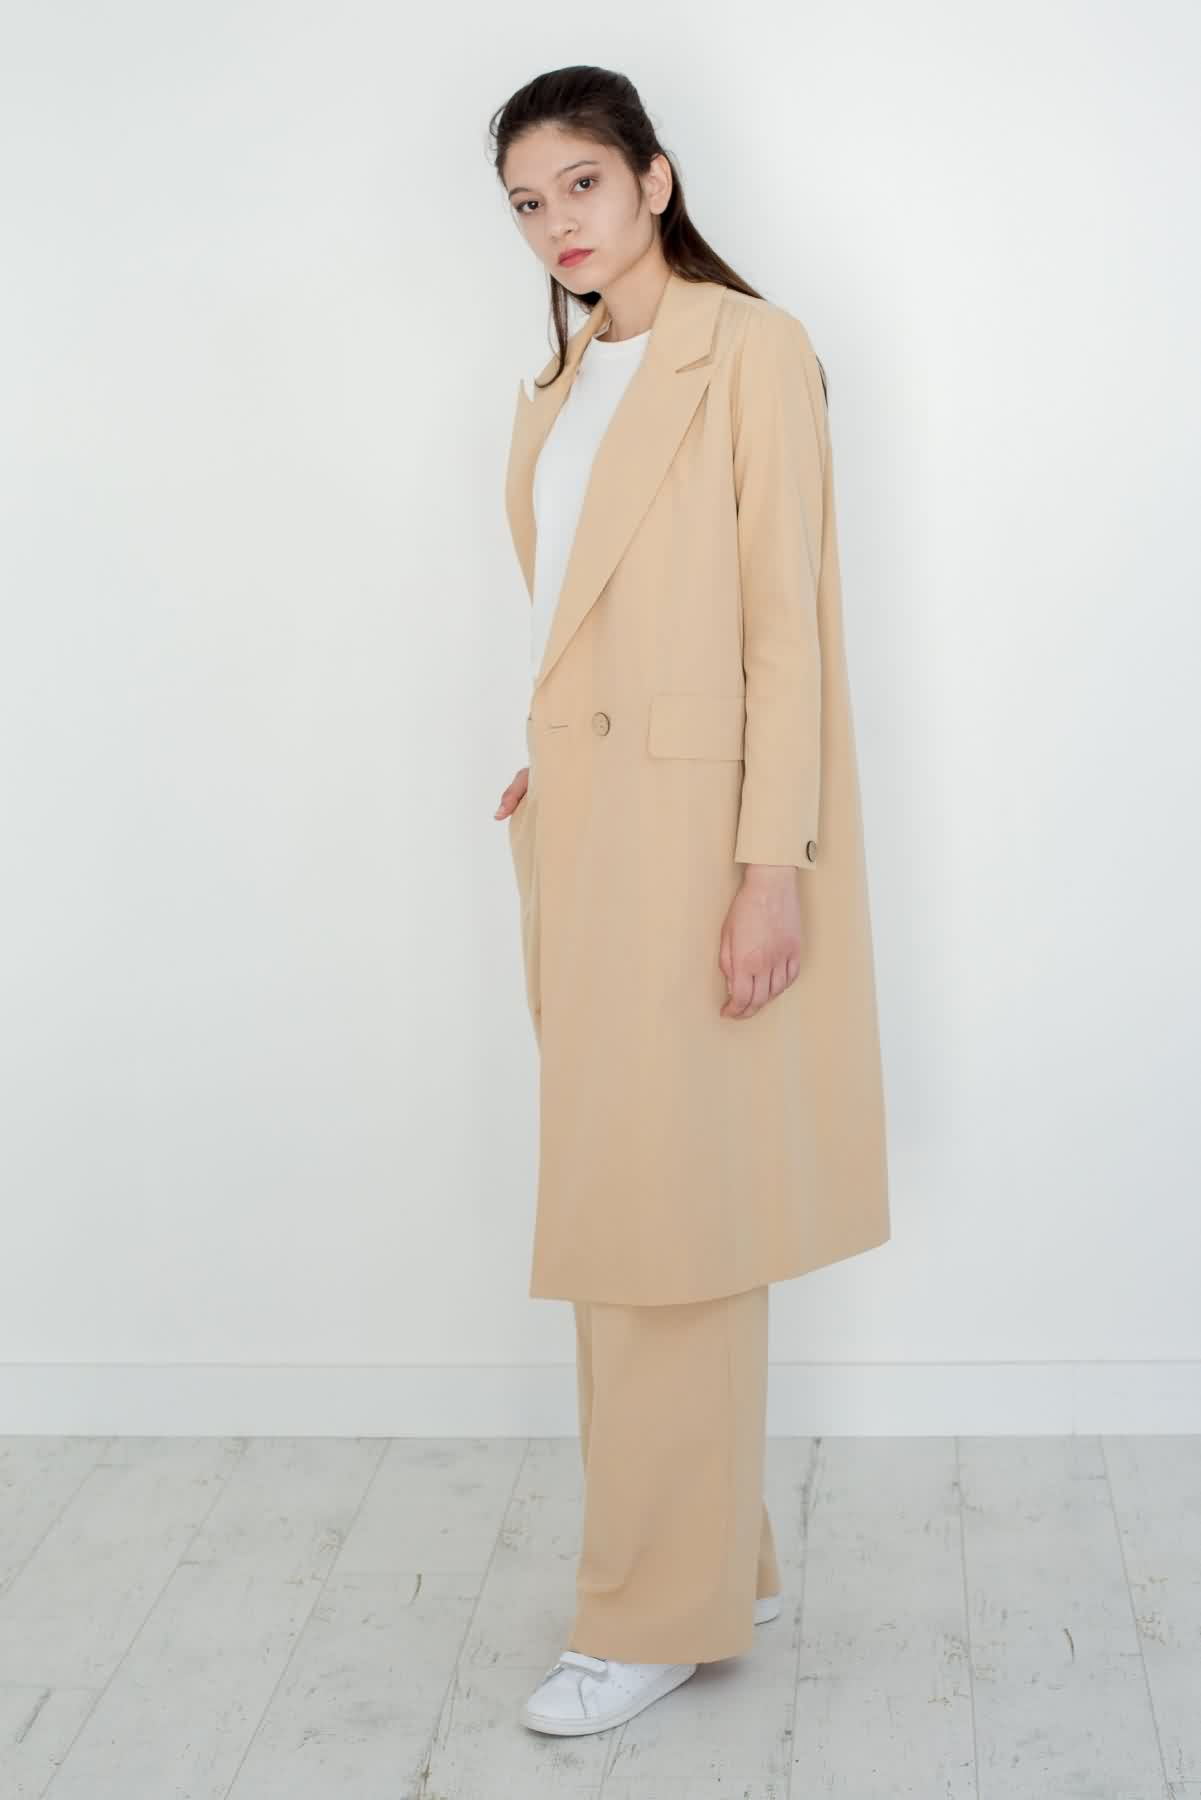 Mevra - Uzun Astarlı Ceket Bej